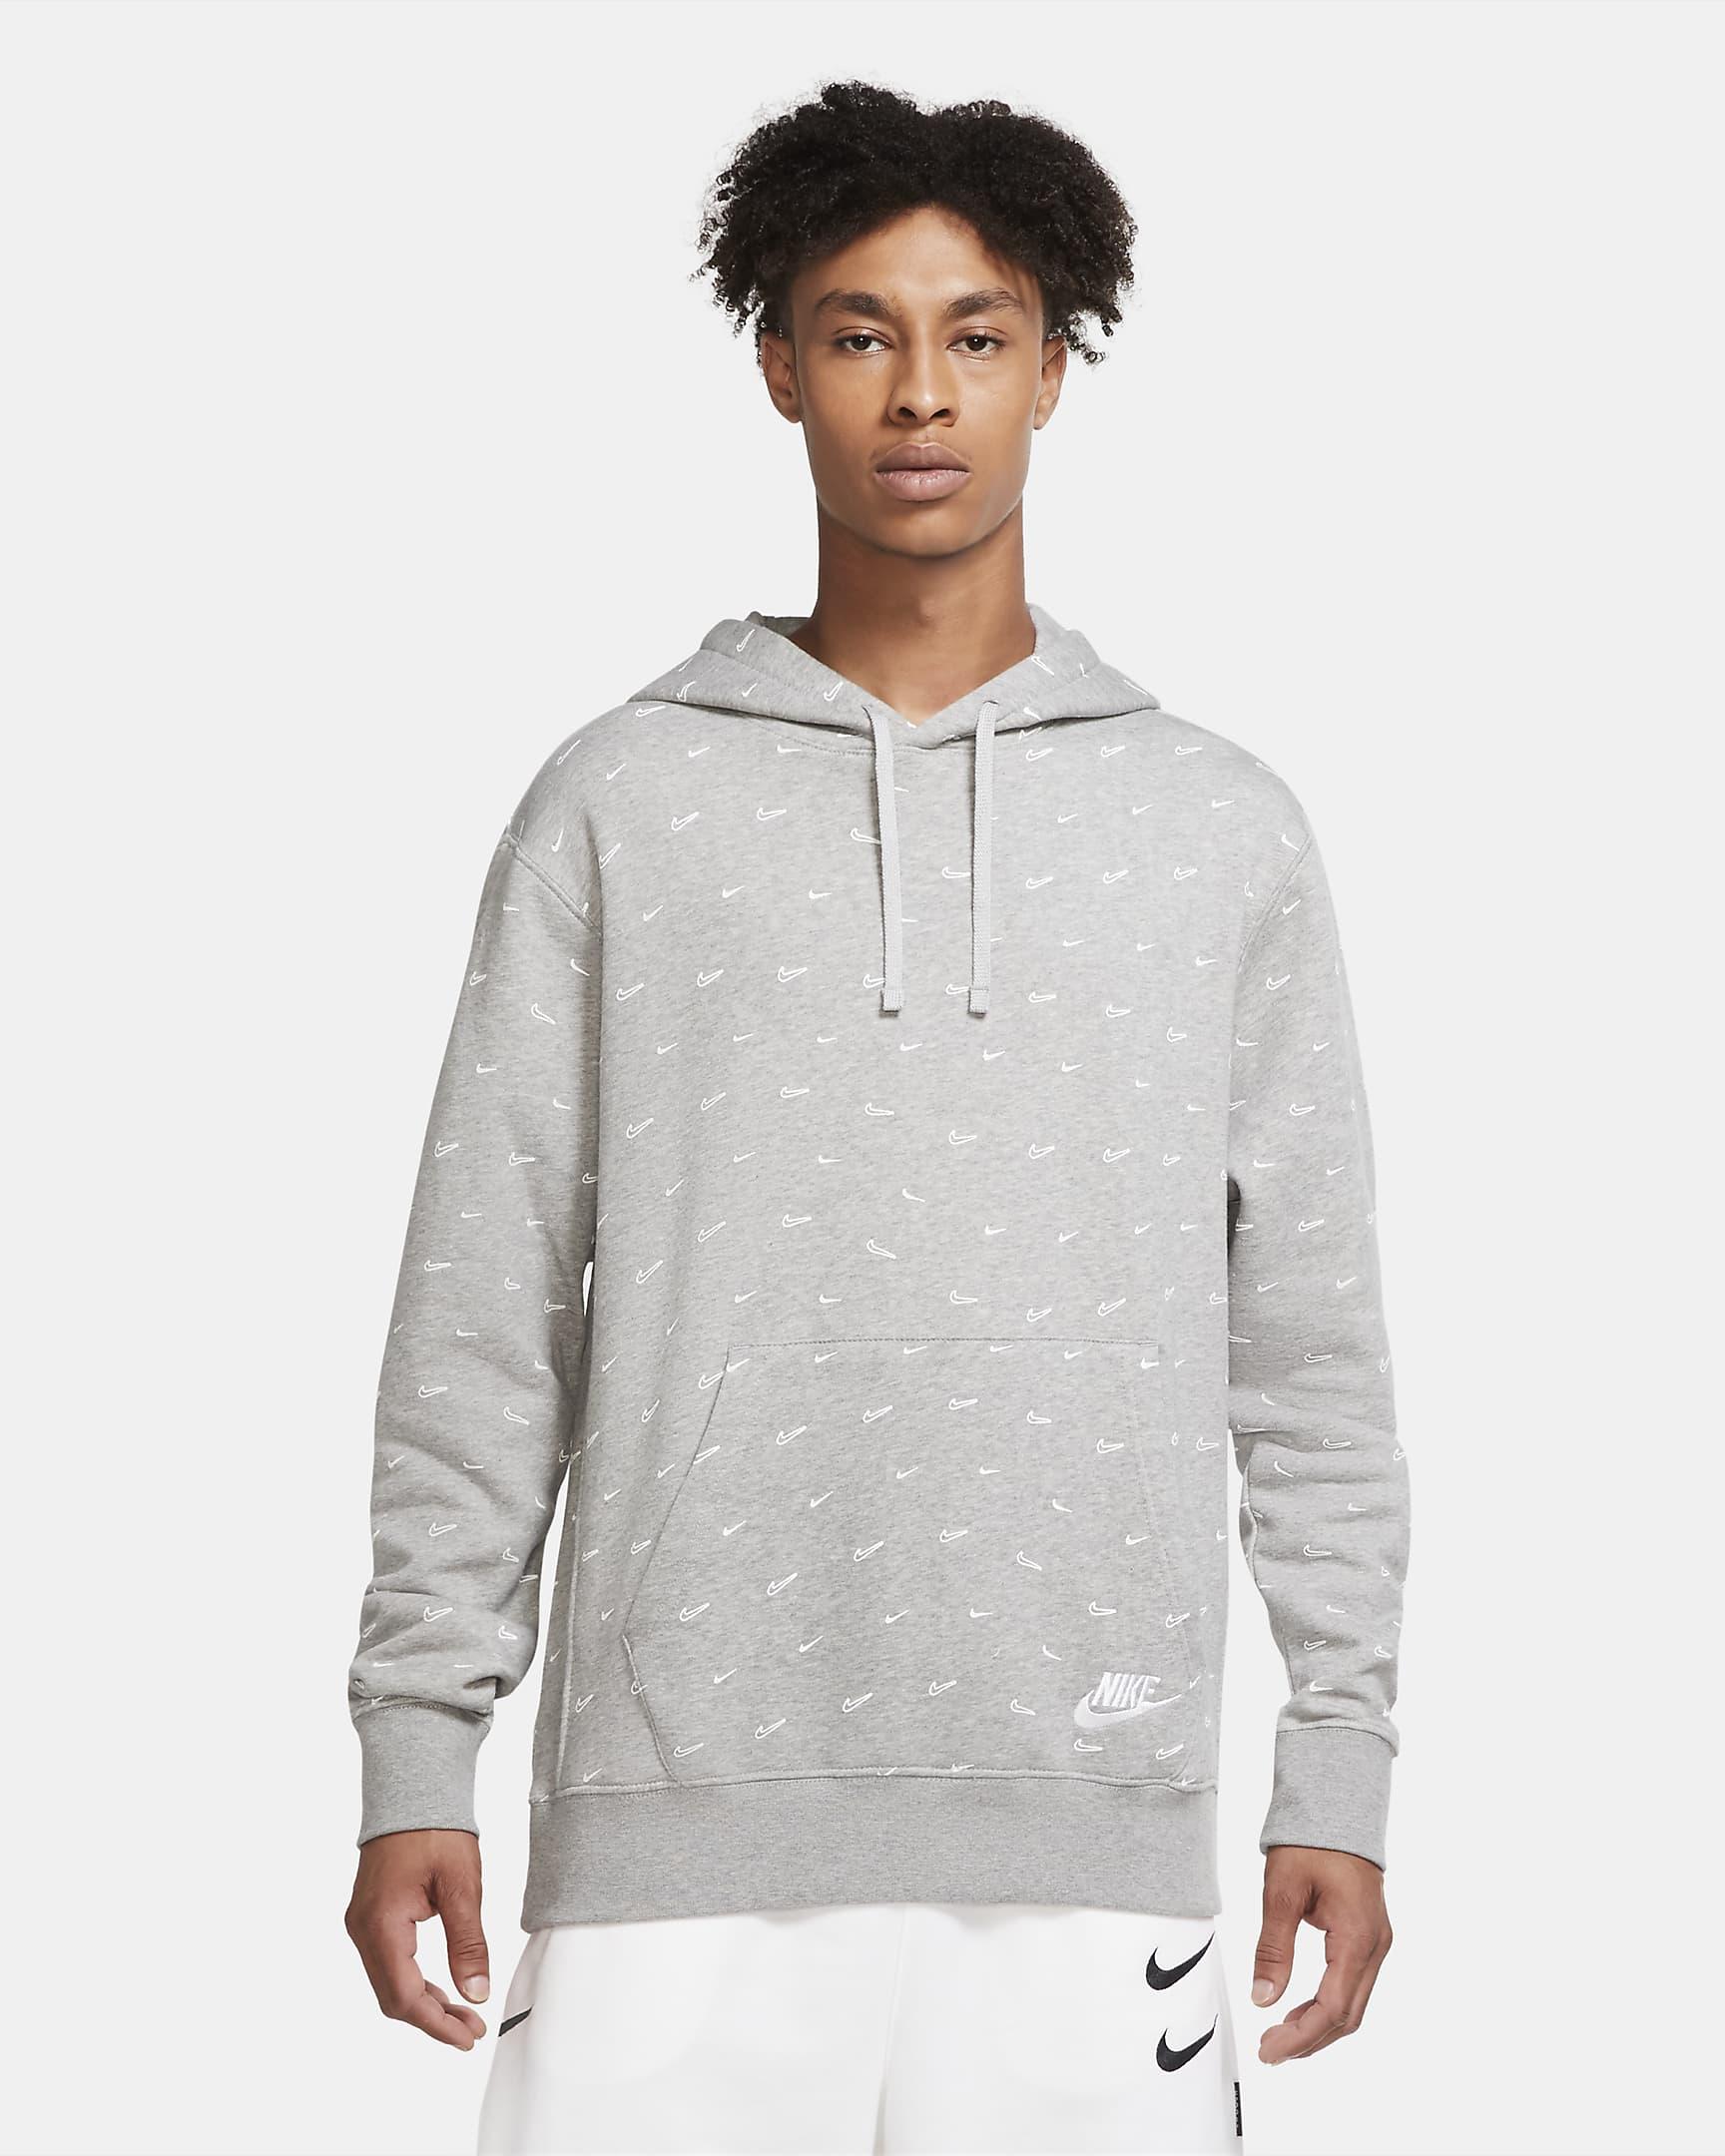 sportswear-club-fleece-mens-printed-pullover-hoodie-m7N3zD